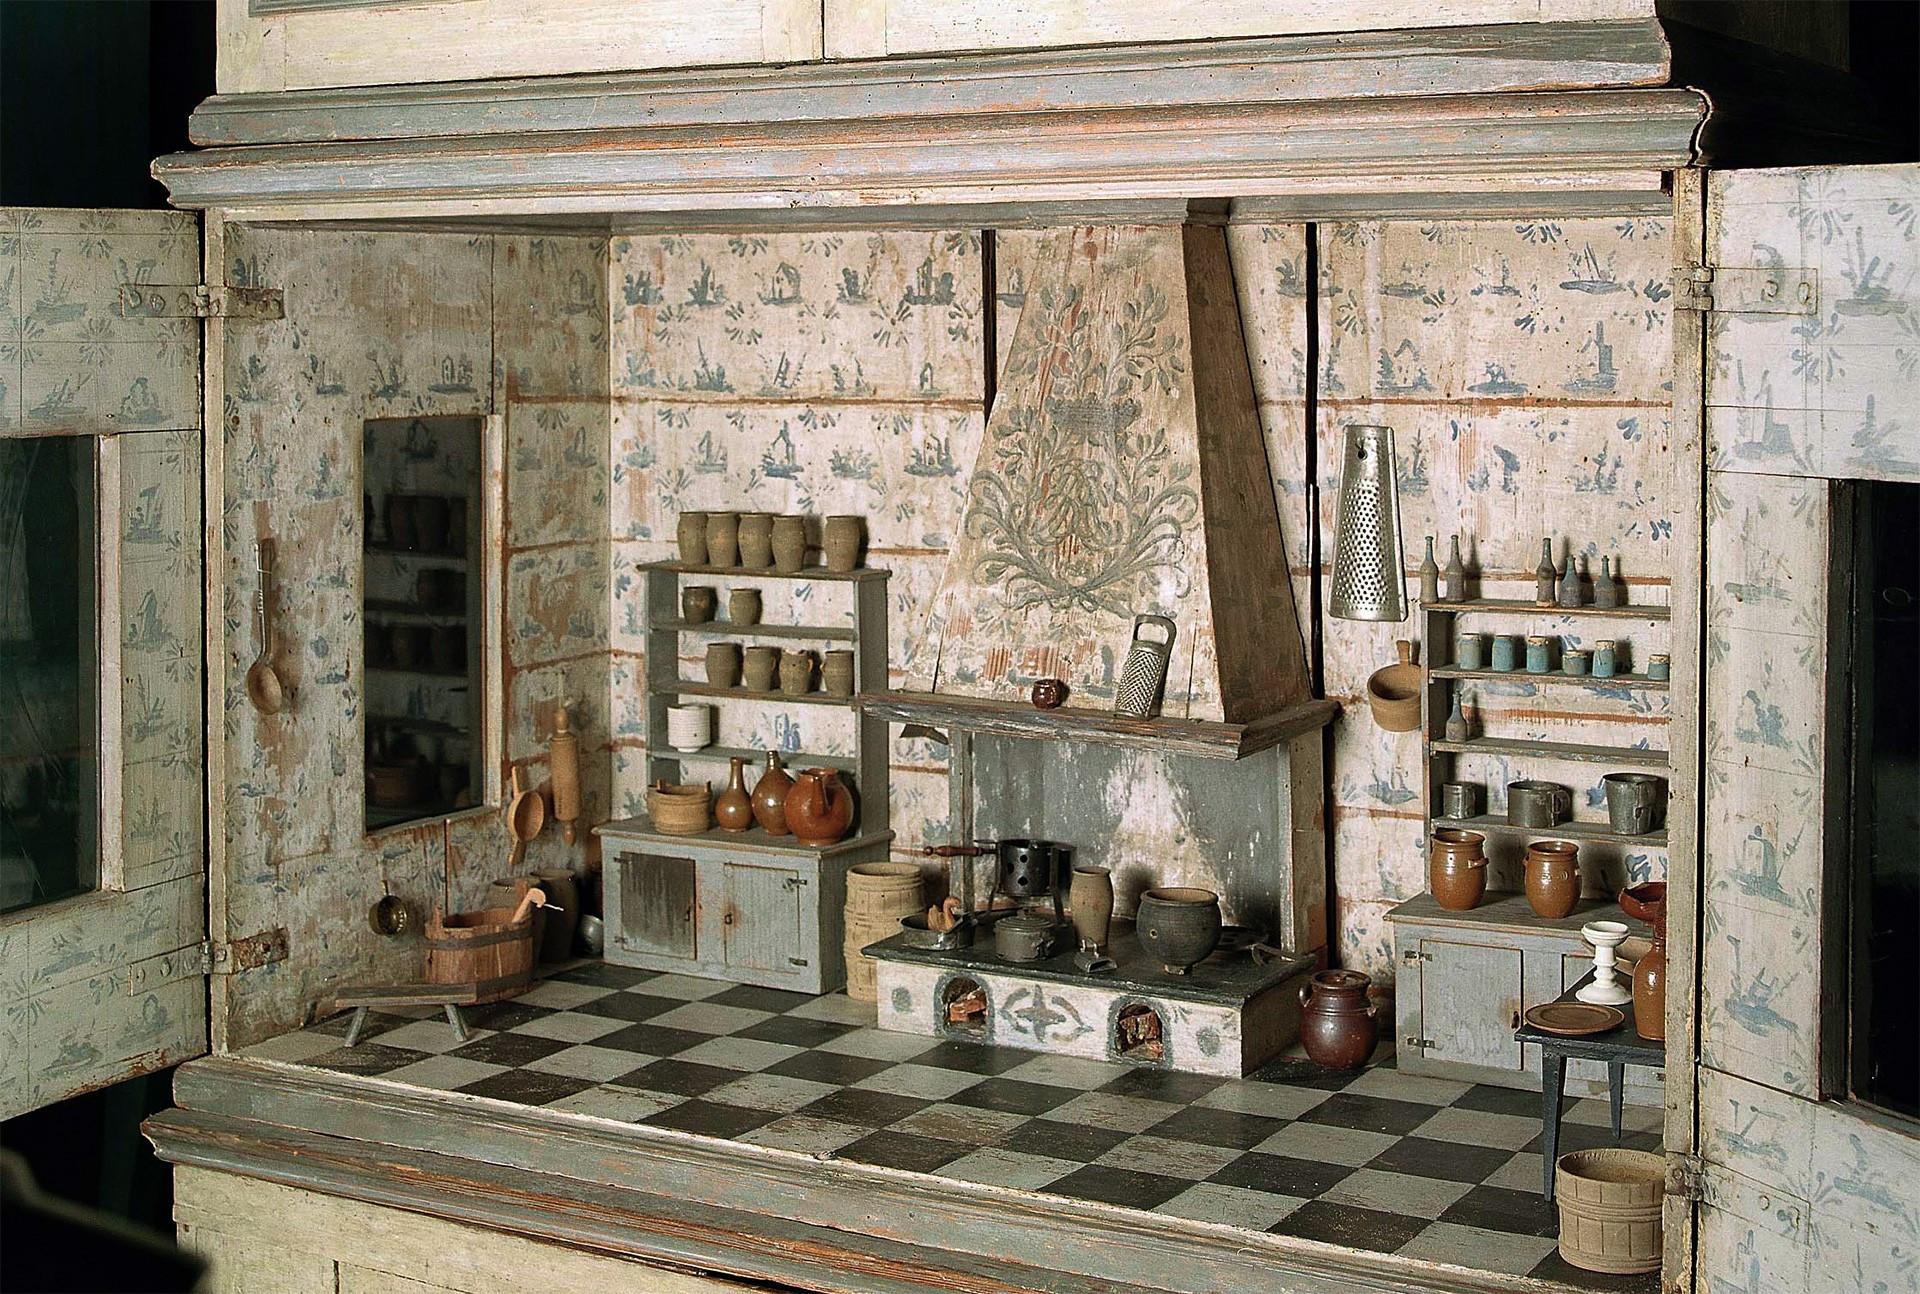 Nordiska museets äldsta dockskåp från omkring 1700. Foto: Peter Segemark/ Nordiska museet.